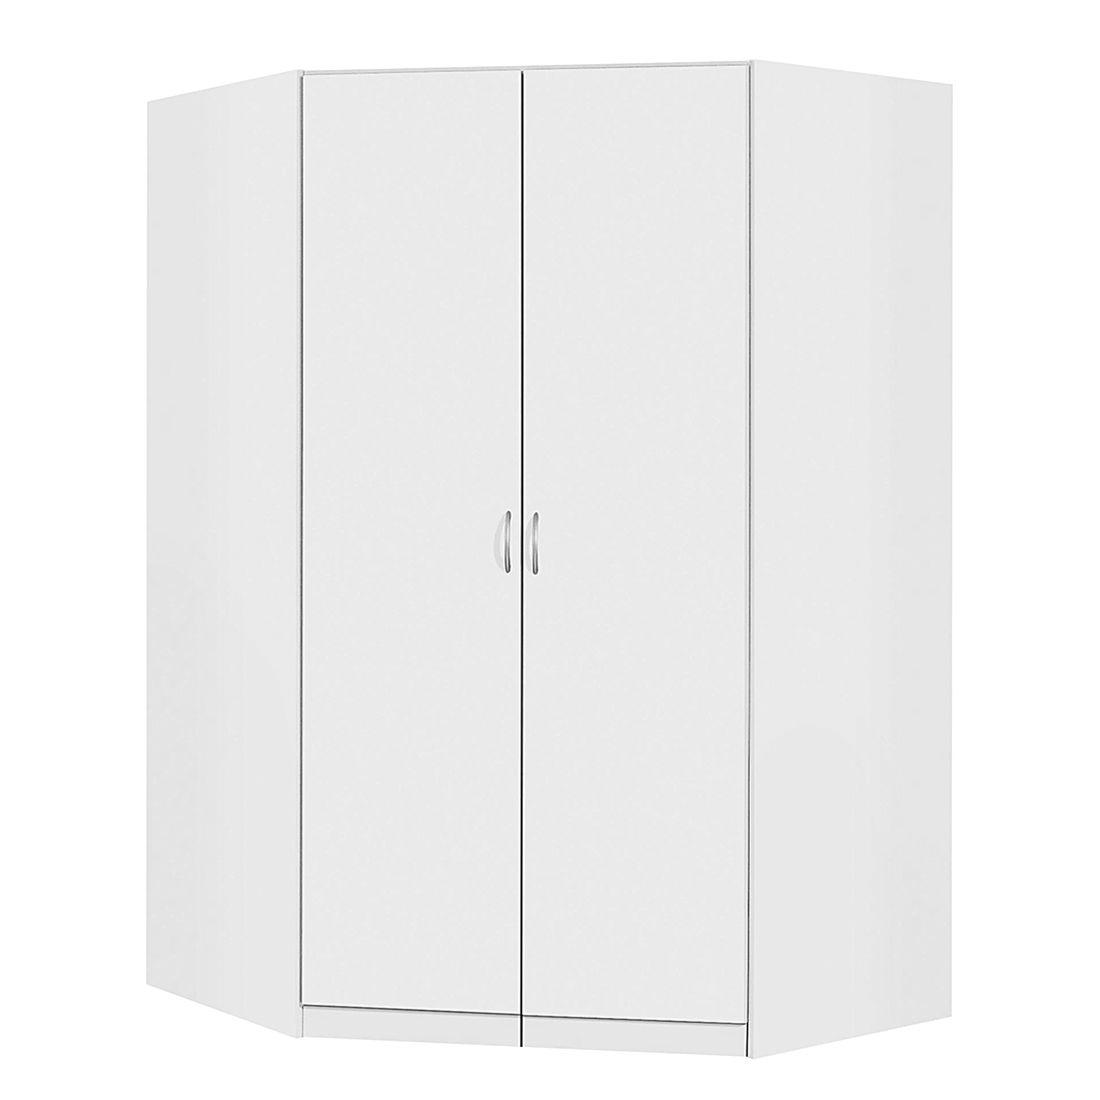 Full Size of Drehboden Eckschrank Kche Wei Hochglanz Karussell Ersatzteile Wohnzimmer Küchenkarussell Blockiert